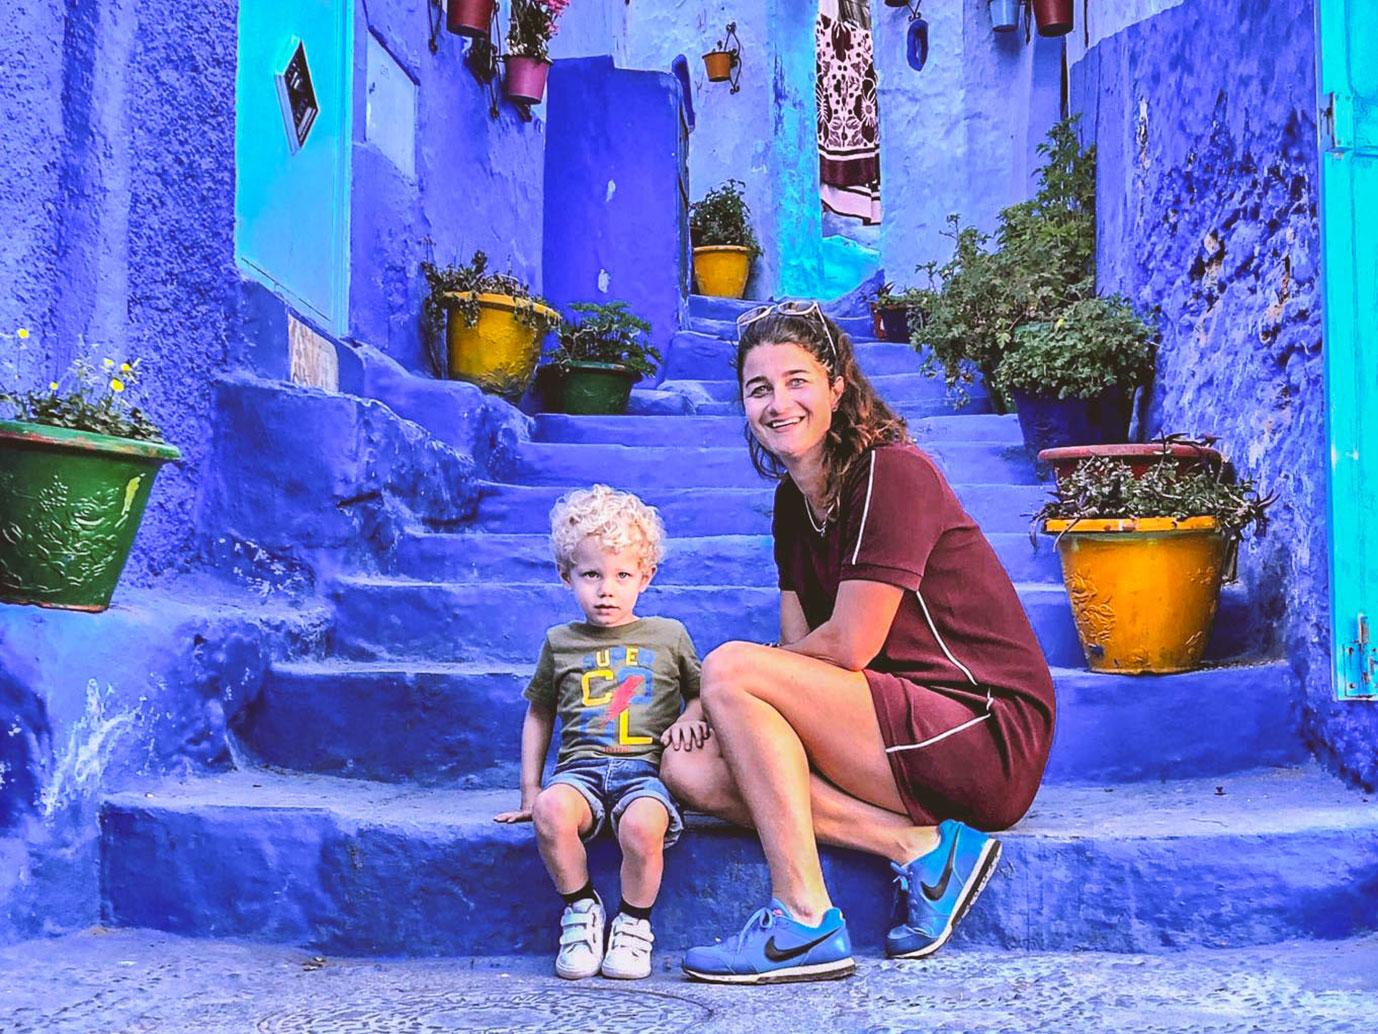 noord-marokko-met-kinderen-chefchaouen